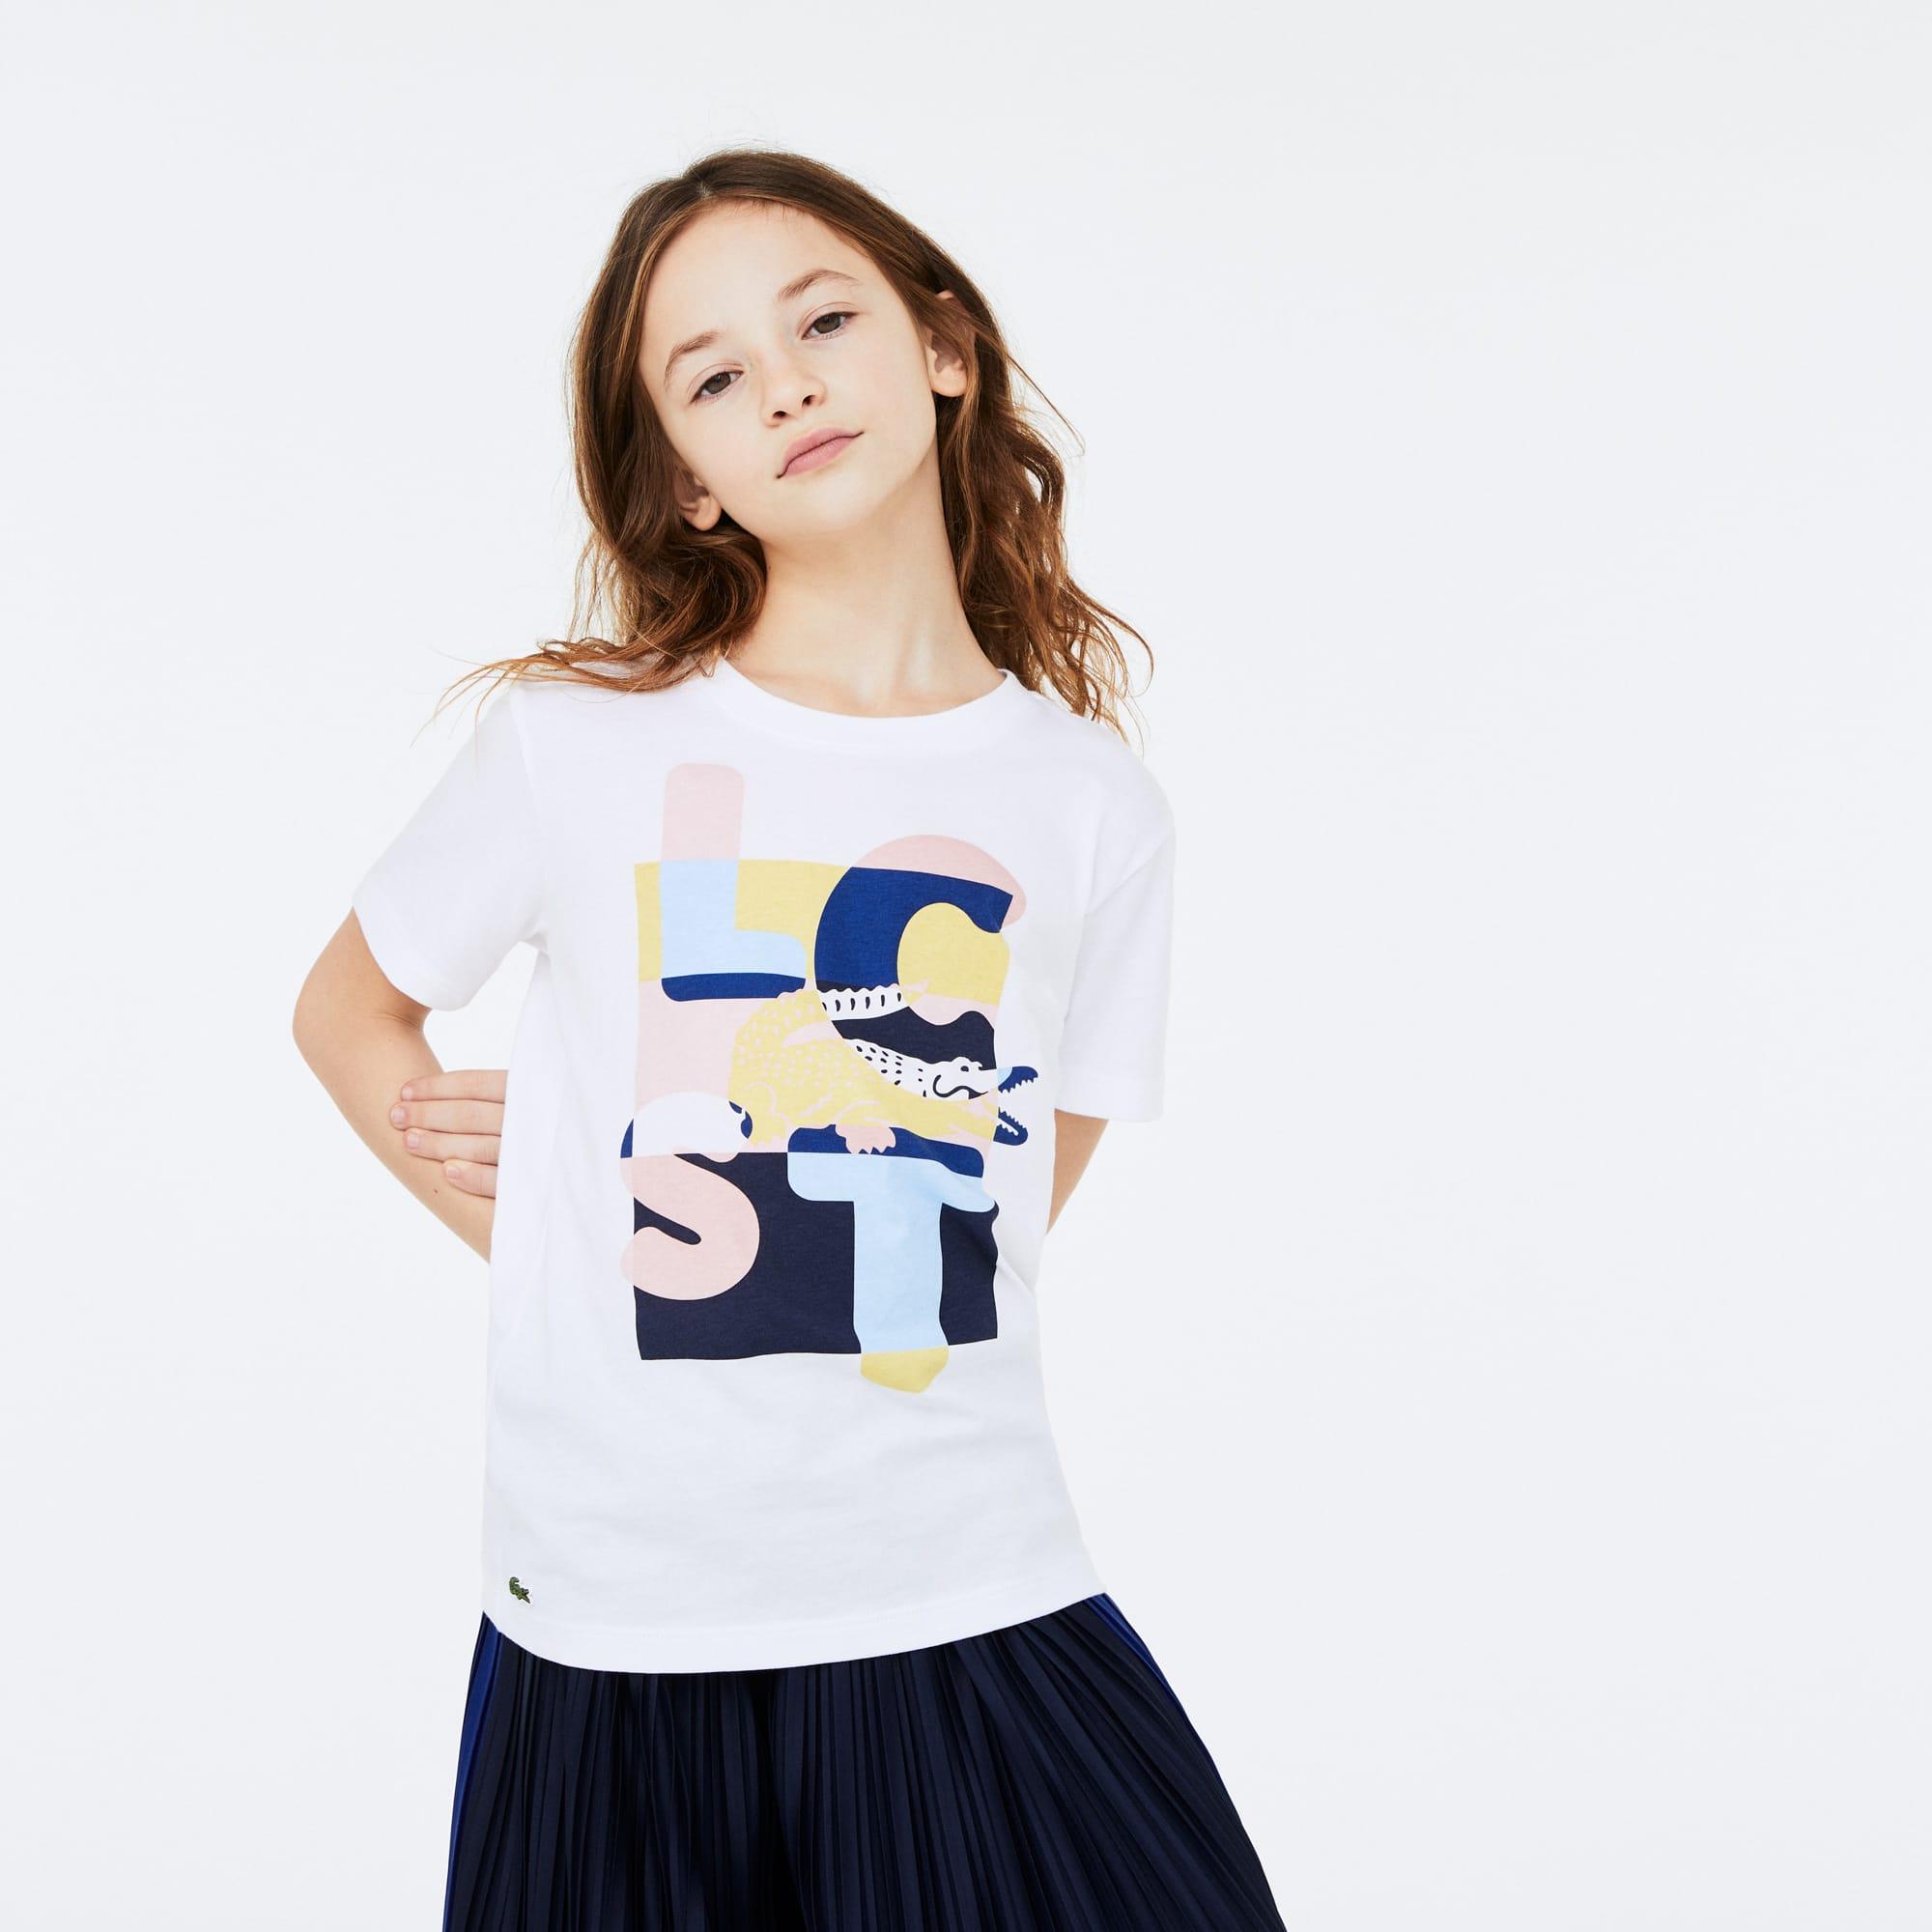 라코스테 Lacoste Girls Crew Neck Print Cotton T-shirt,White • SBH